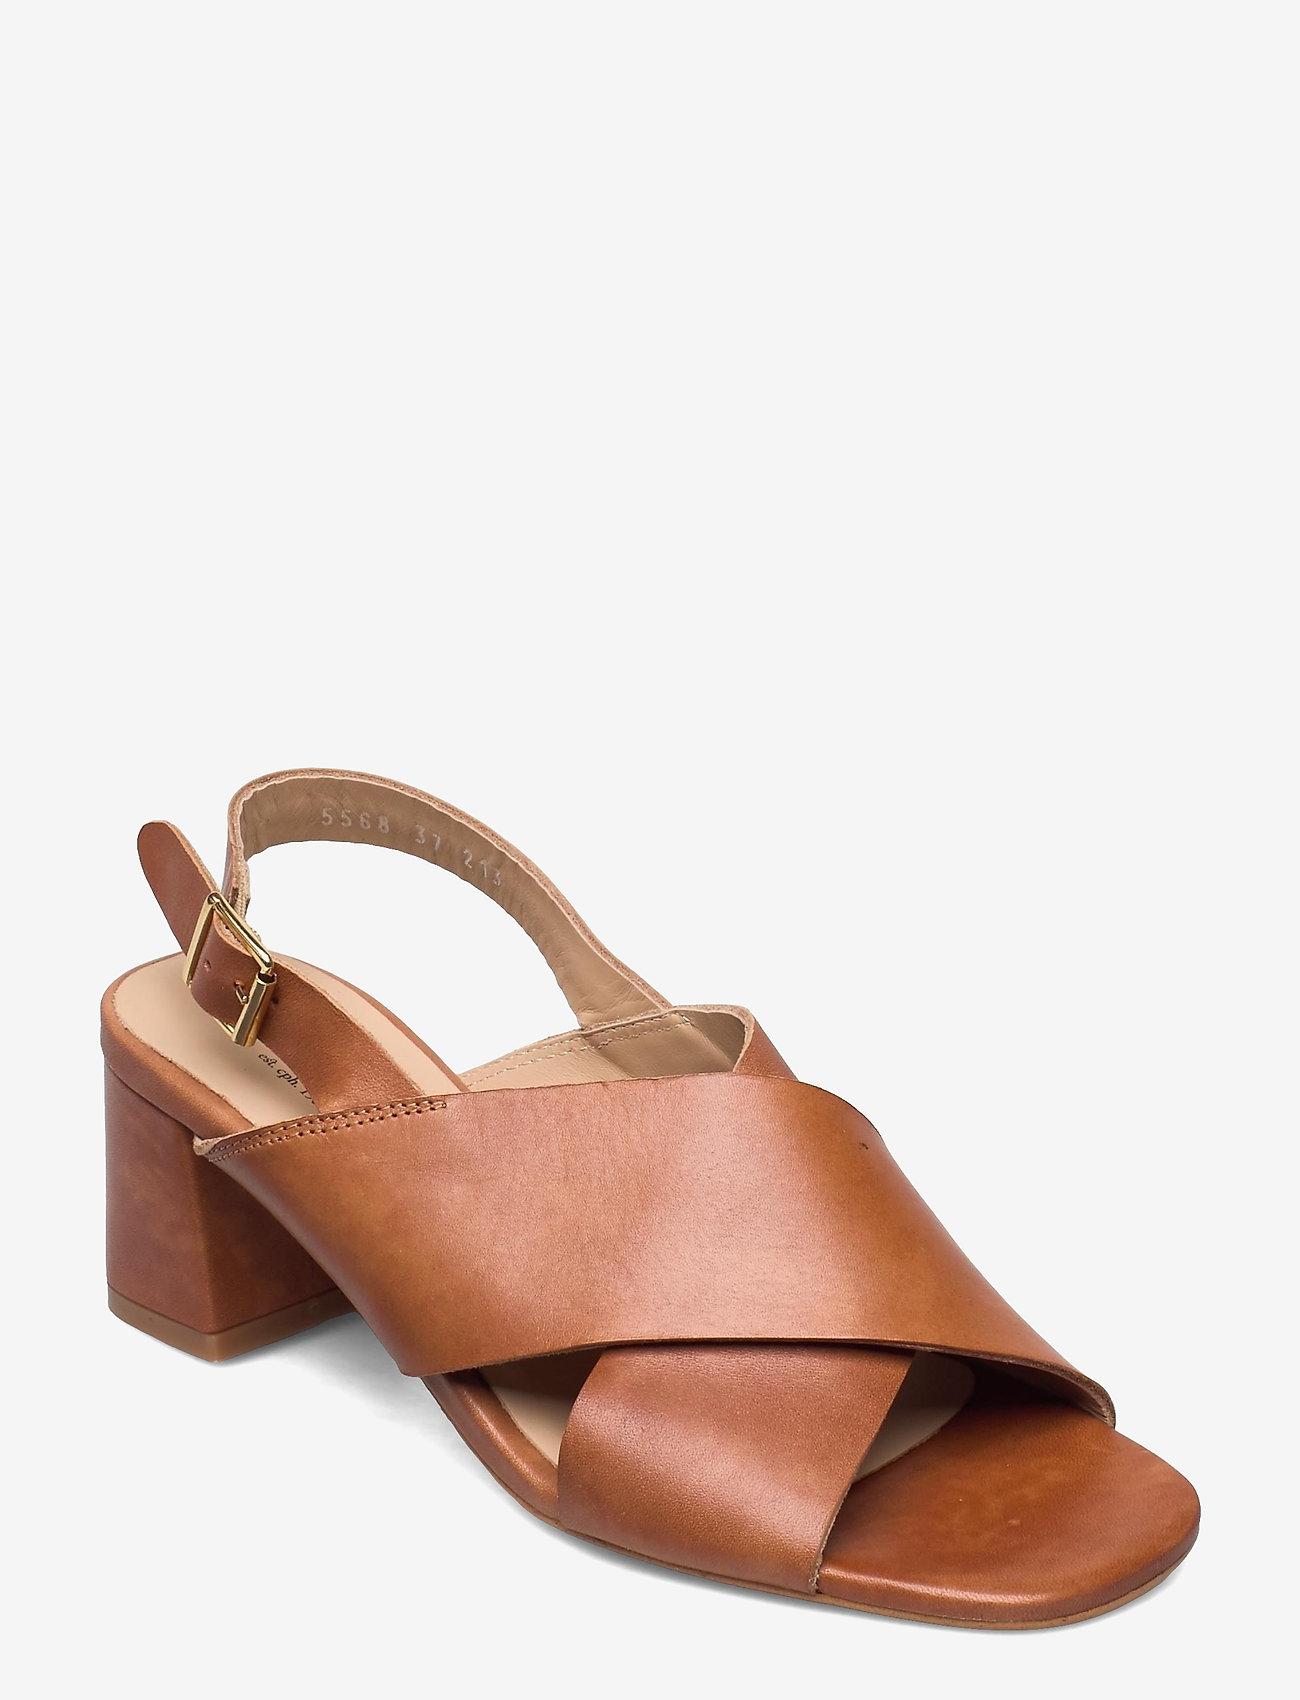 ANGULUS - Sandals - Block heels - højhælede sandaler - 1789 tan - 0